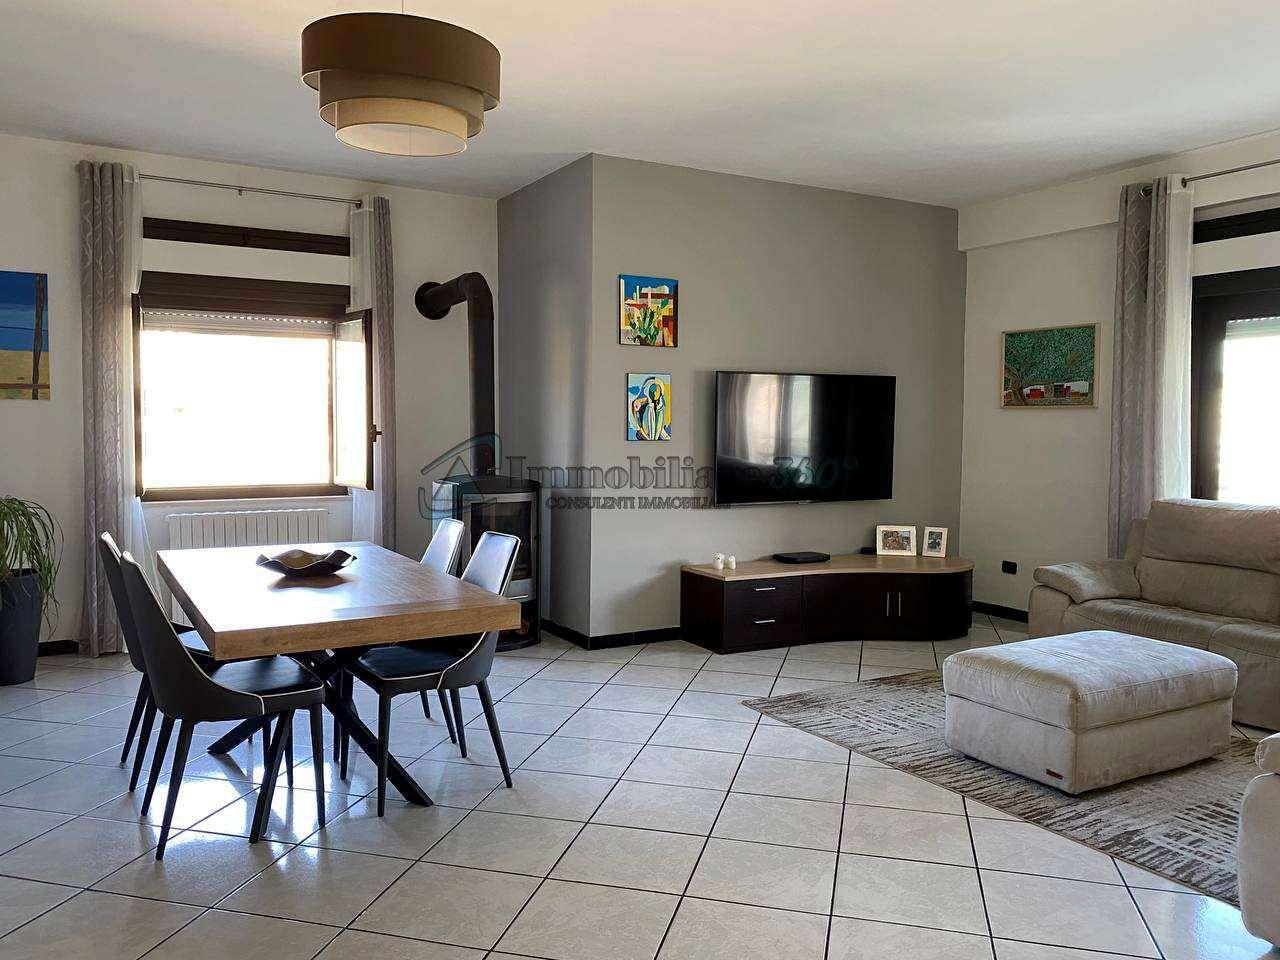 Appartamento in vendita a Castrolibero, 5 locali, prezzo € 108.000 | CambioCasa.it